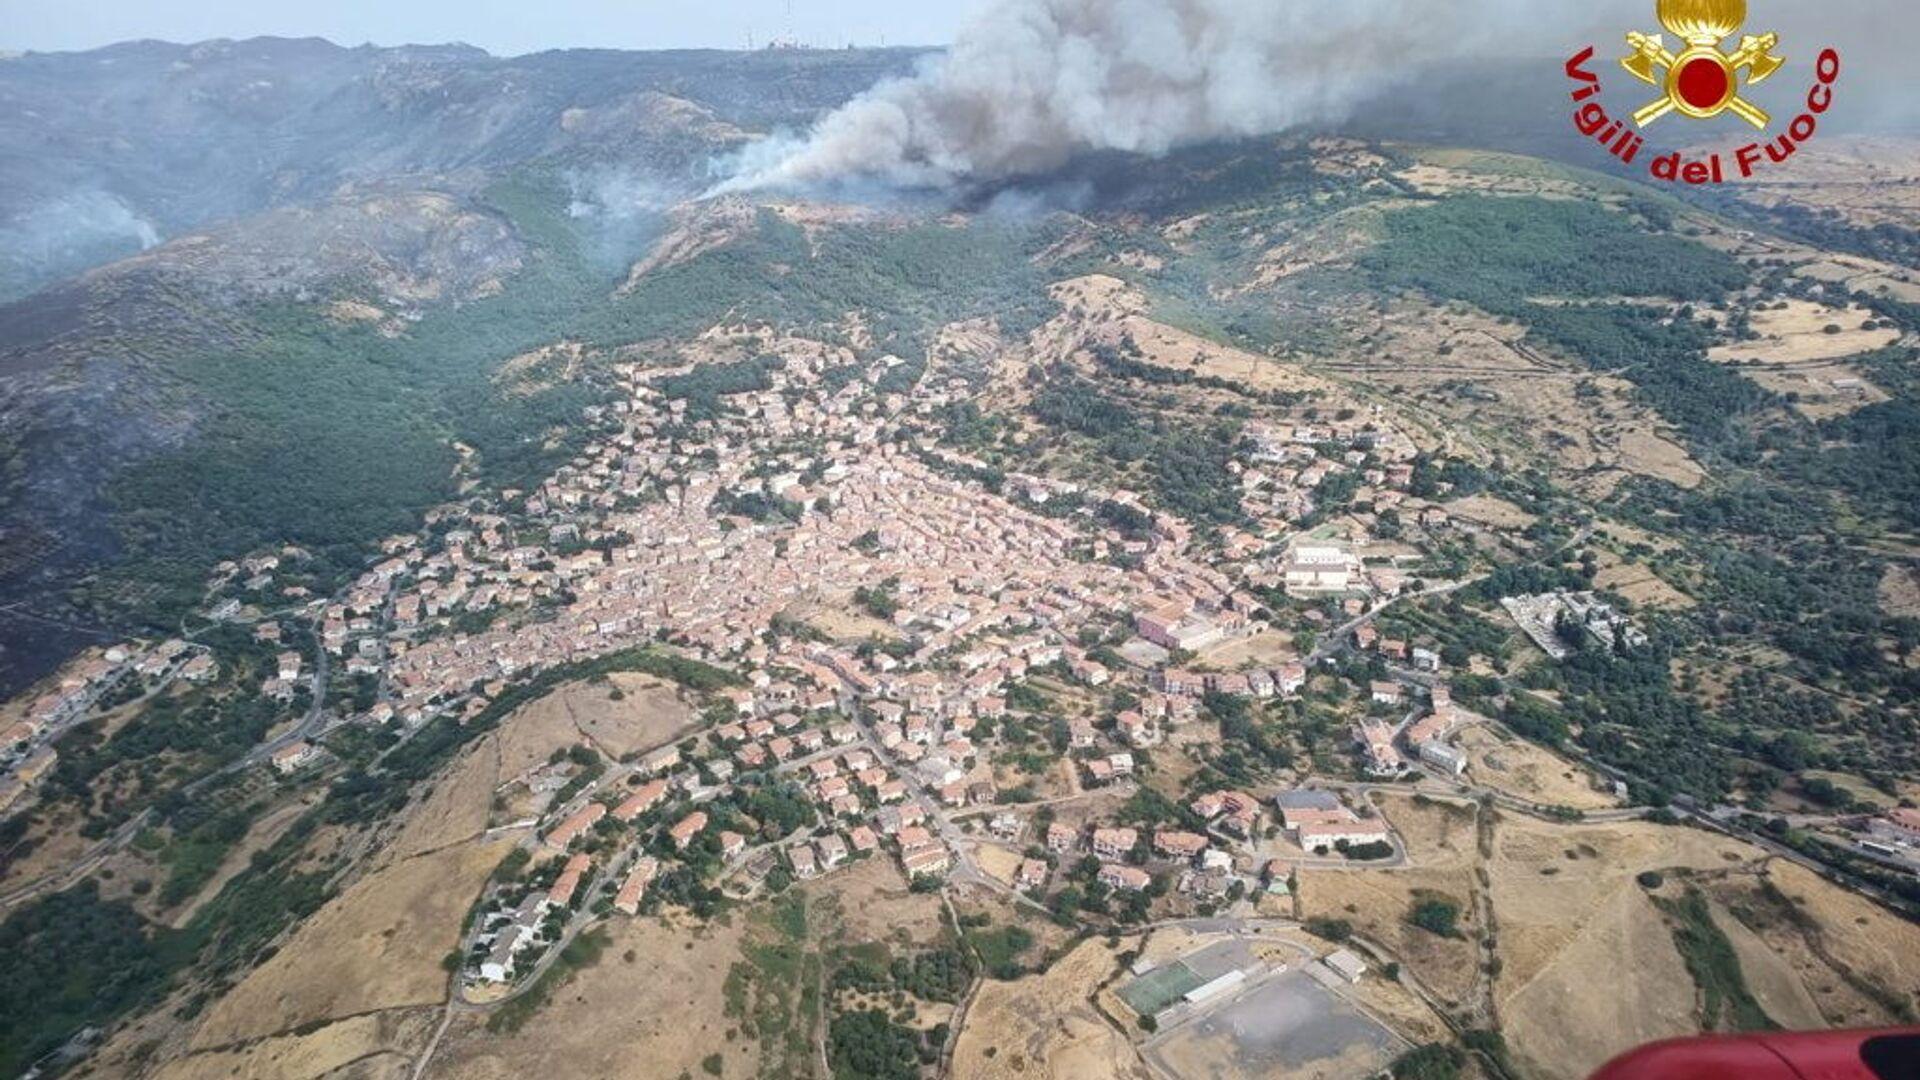 Widok z helikoptera na pożar lasu na Sardynii, Włochy - Sputnik Polska, 1920, 25.07.2021